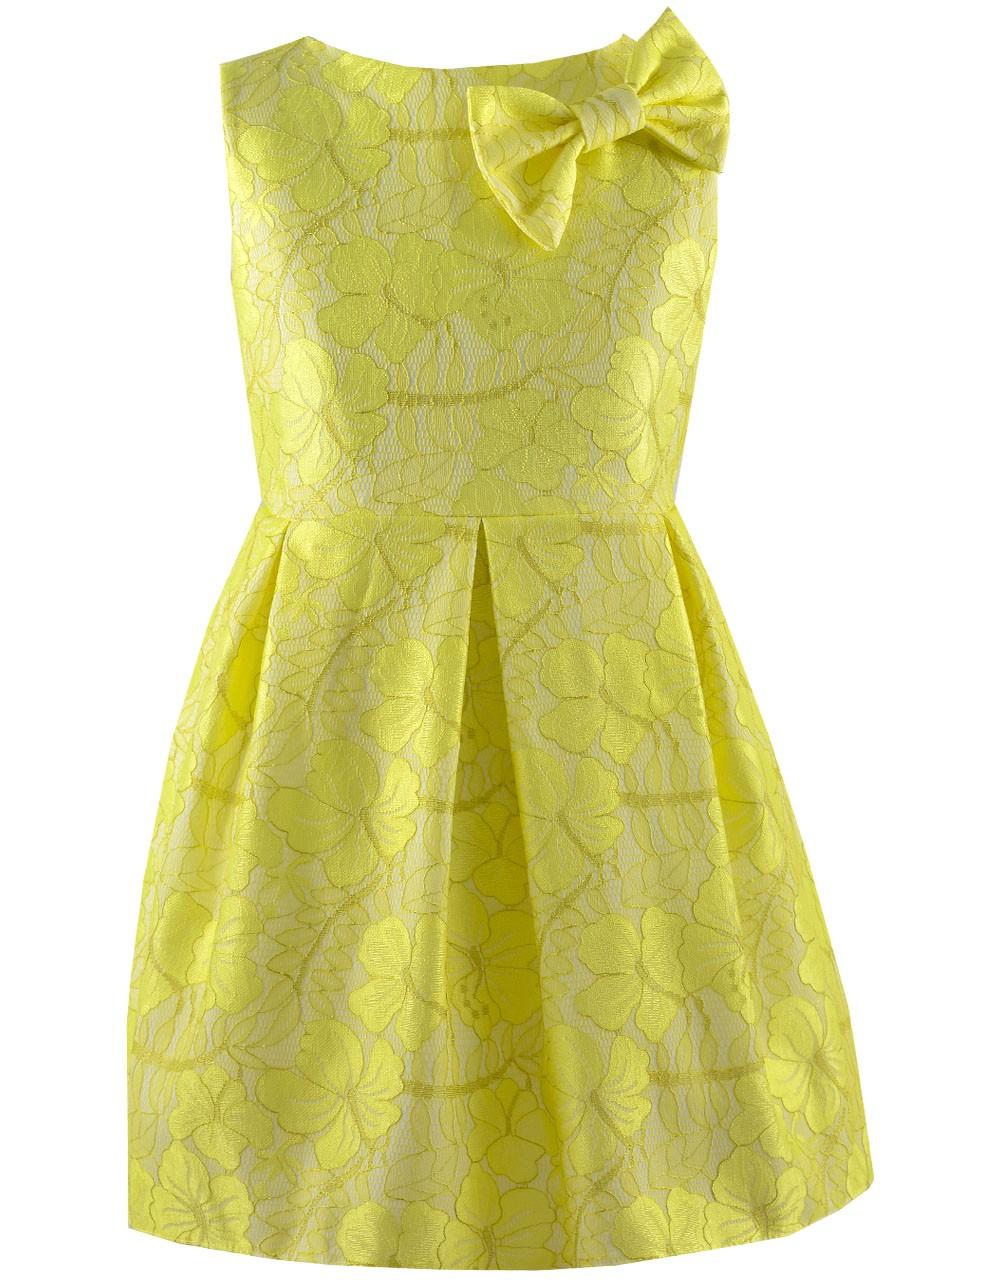 60a68d1c65 Żółta sukienka z kokardką - EMMA Polska Marka Odzieży Dziecięcej